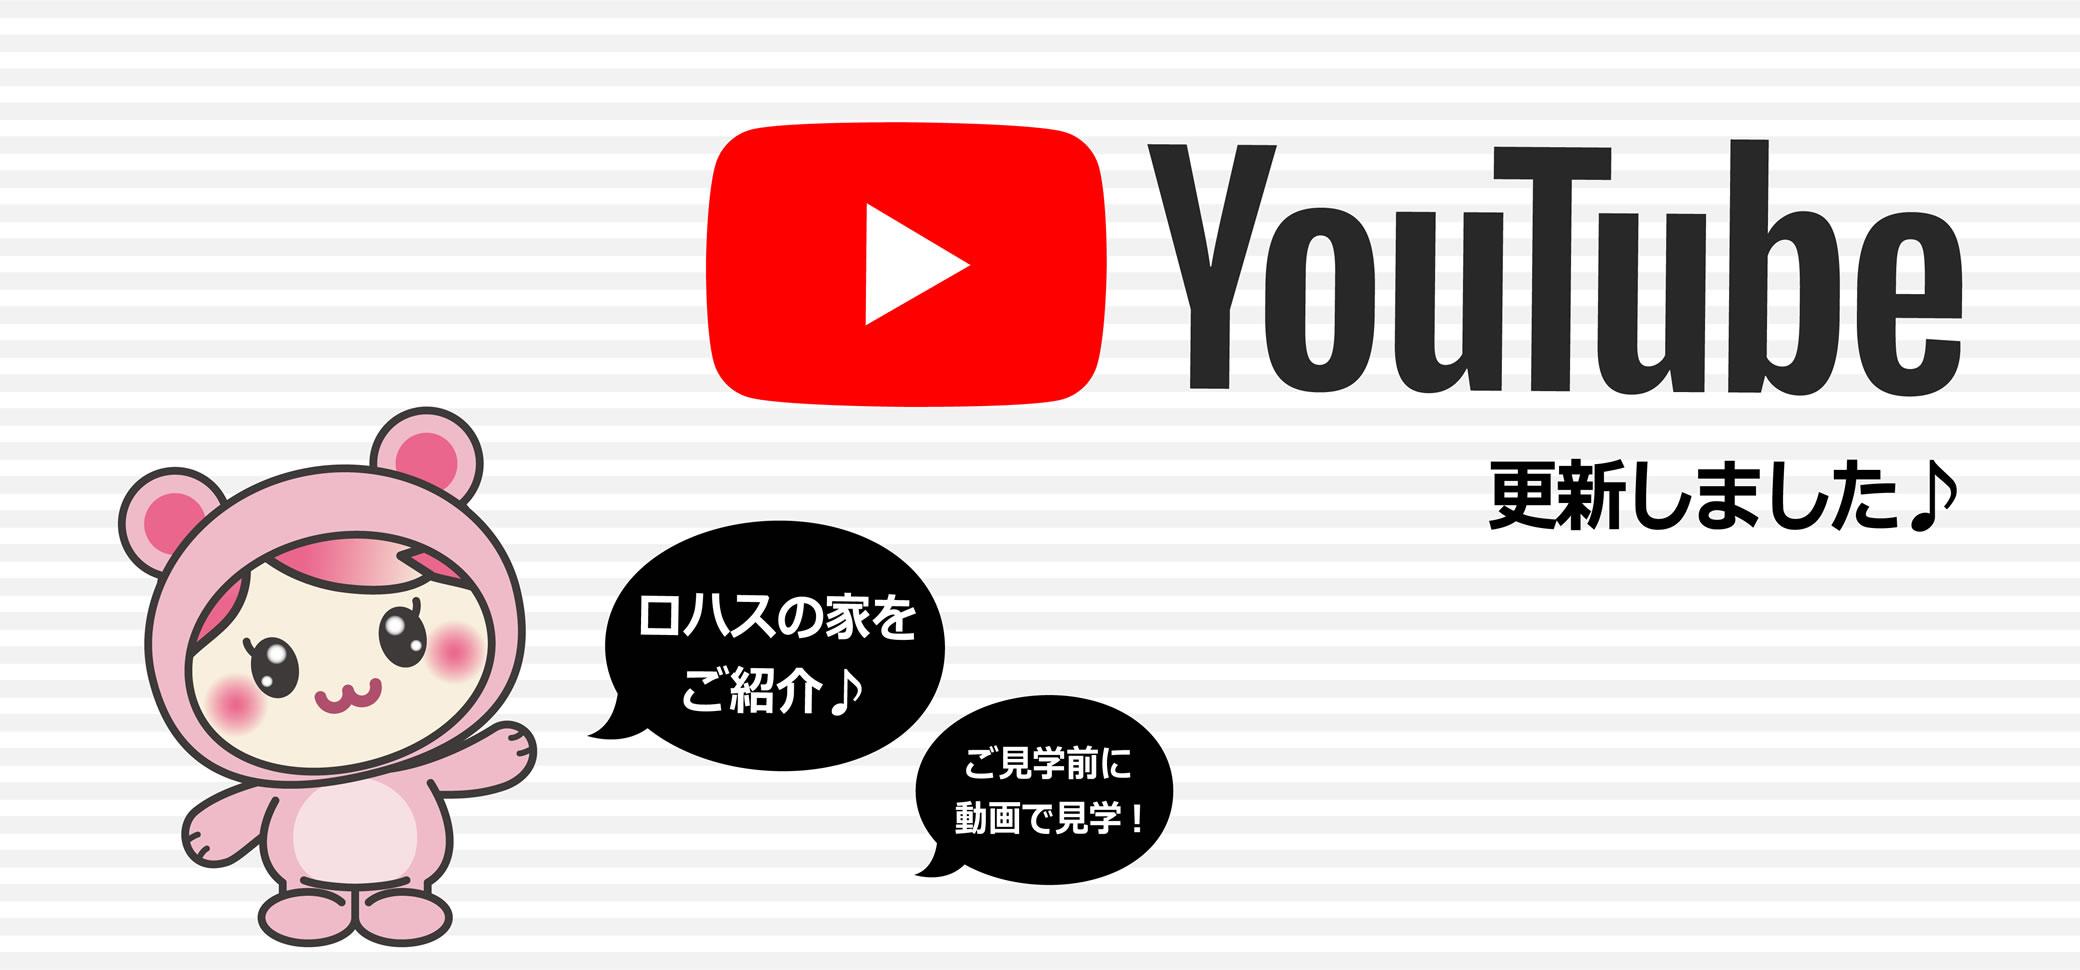 さくらYouTube